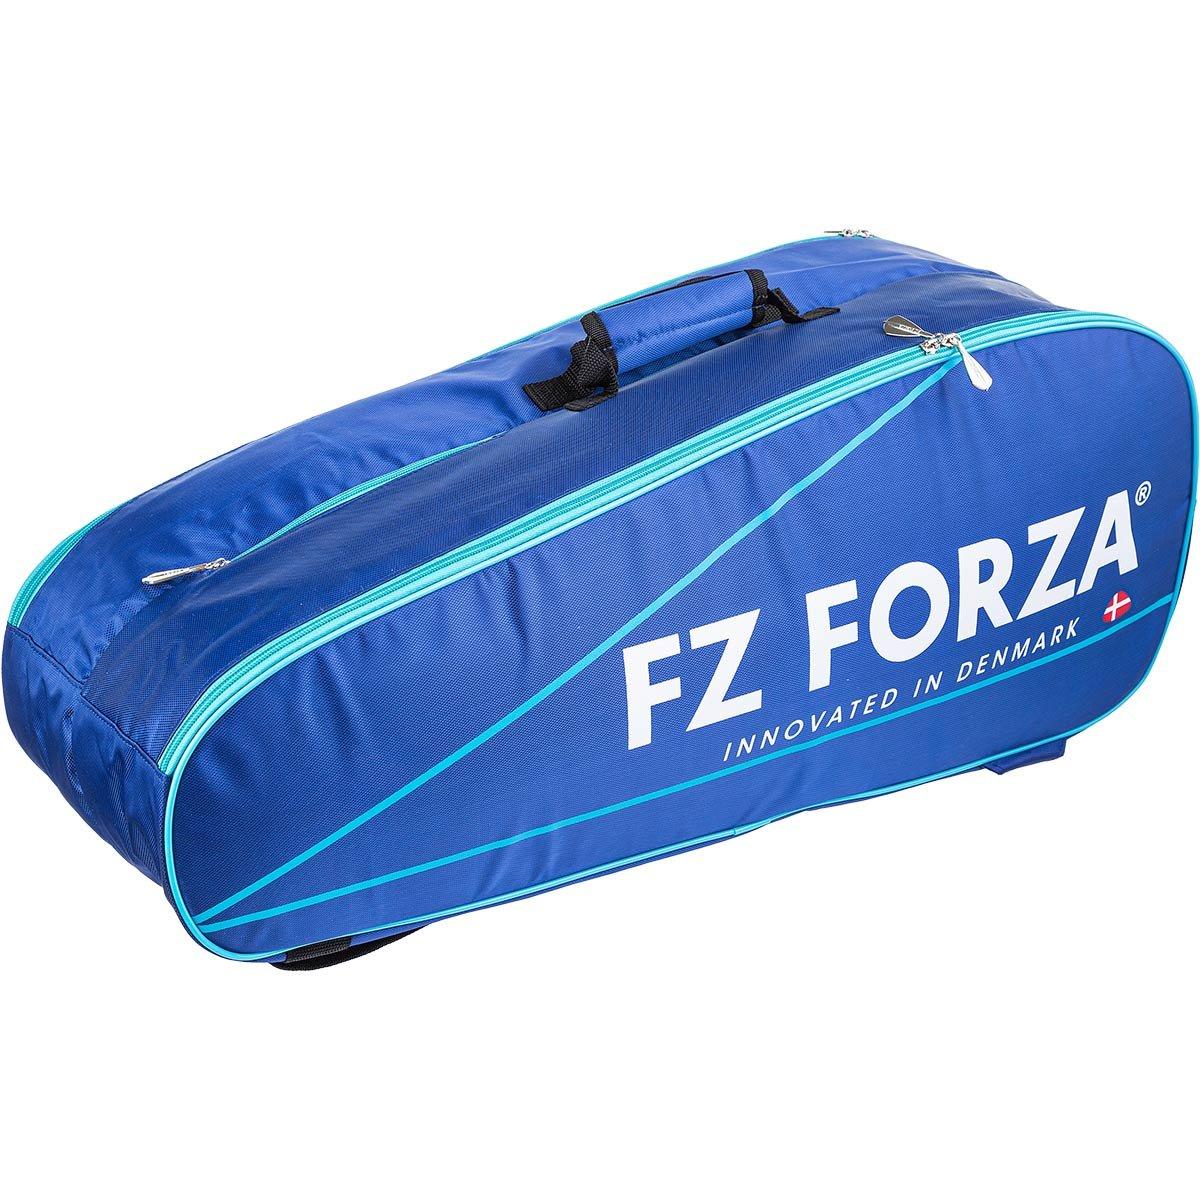 Køb FZ Forza Martak Badmintontaske, blå